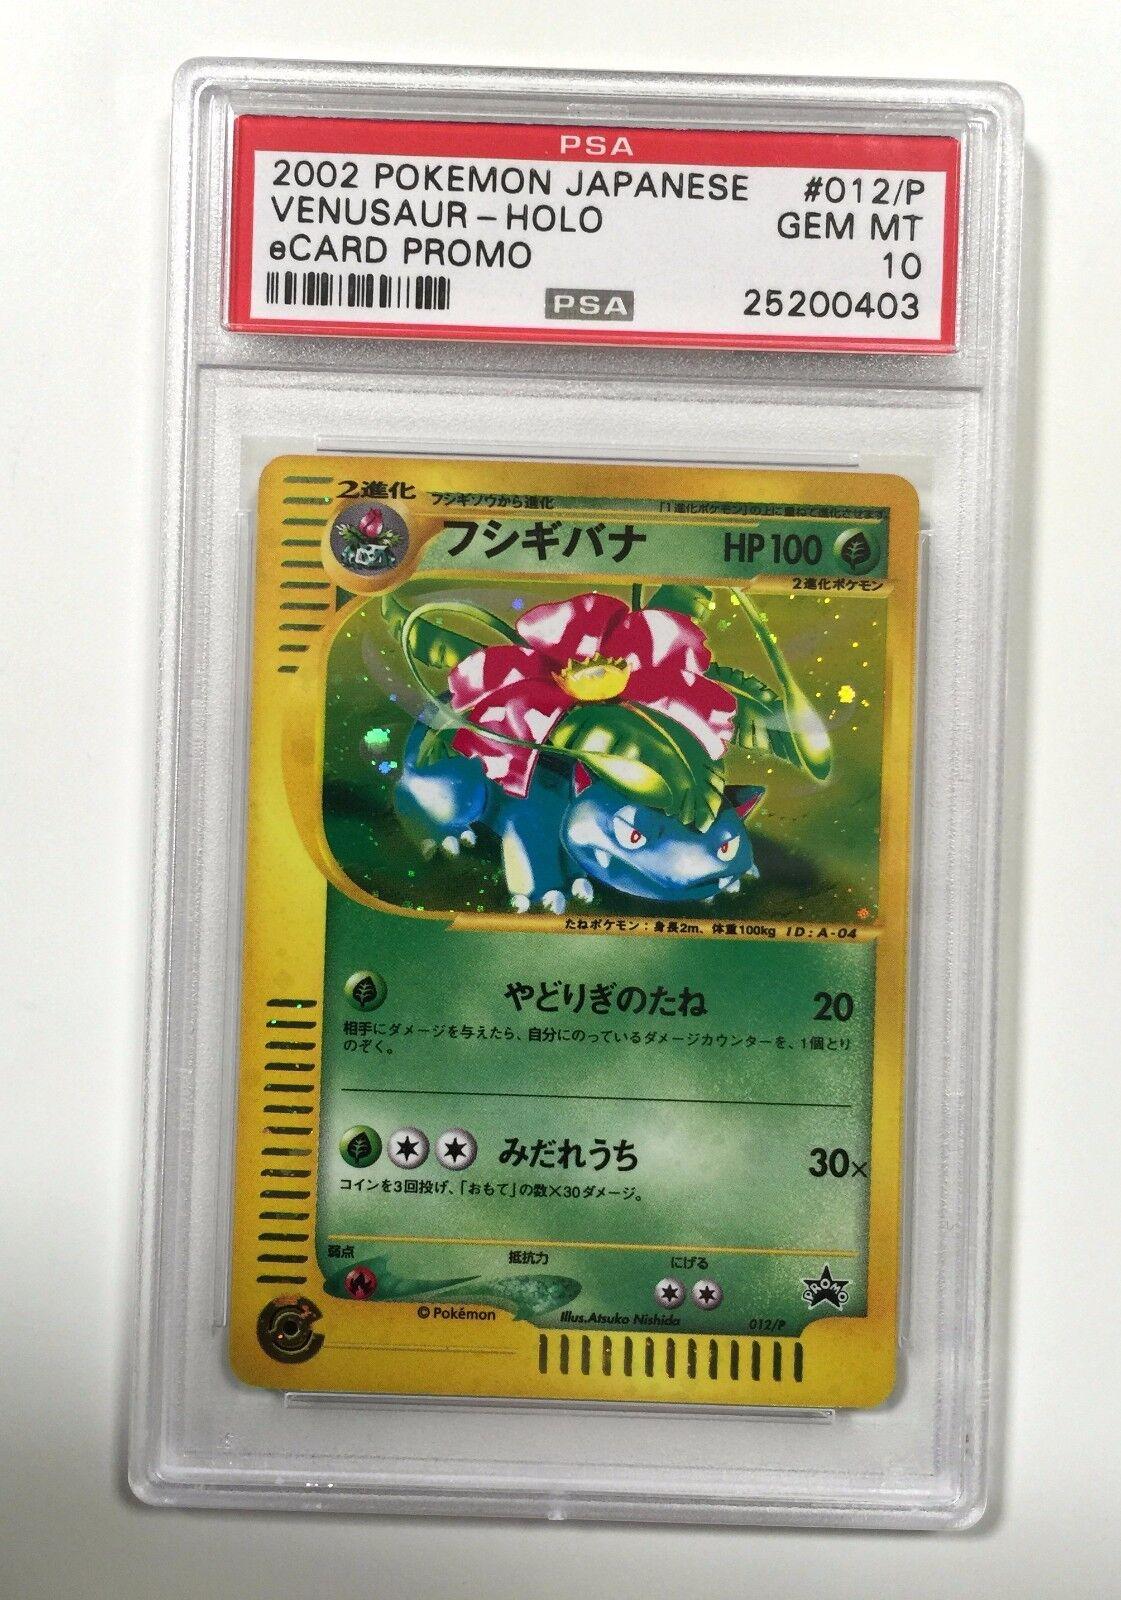 Pokemon PSA 10 GEM MINT Lottery Lottery Lottery Promo VENUSAUR Japanese Holofoil  P RARE c6373b